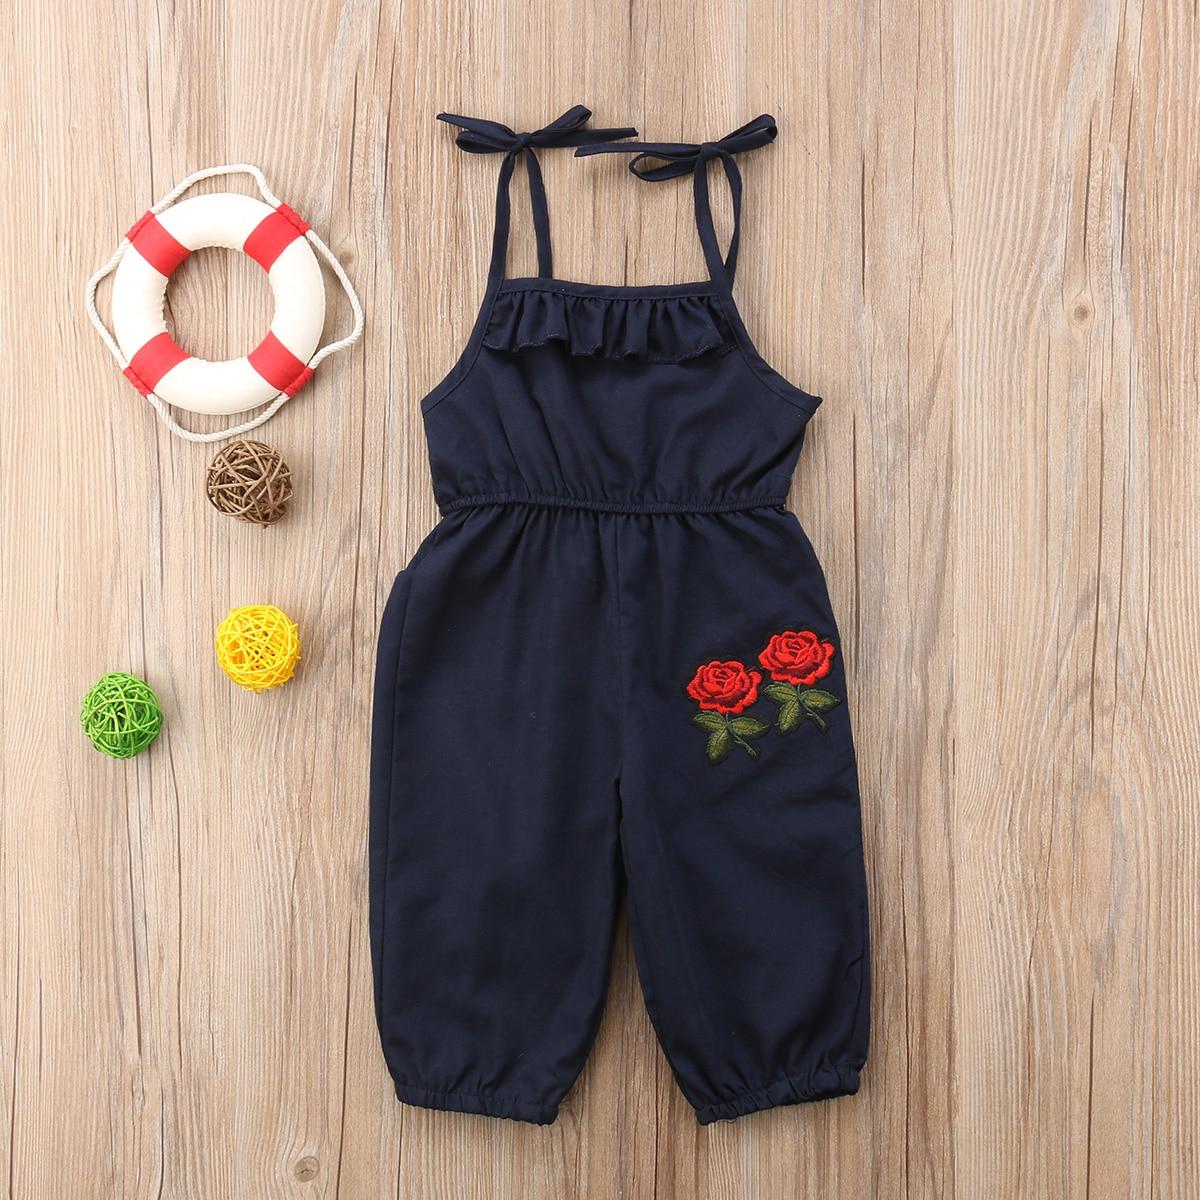 2018 Fashion Kids Baby Meisjes Mouwloze Kleding Persoonlijkheid En Kenmerken Zwarte Zomer Ch Warm En Winddicht